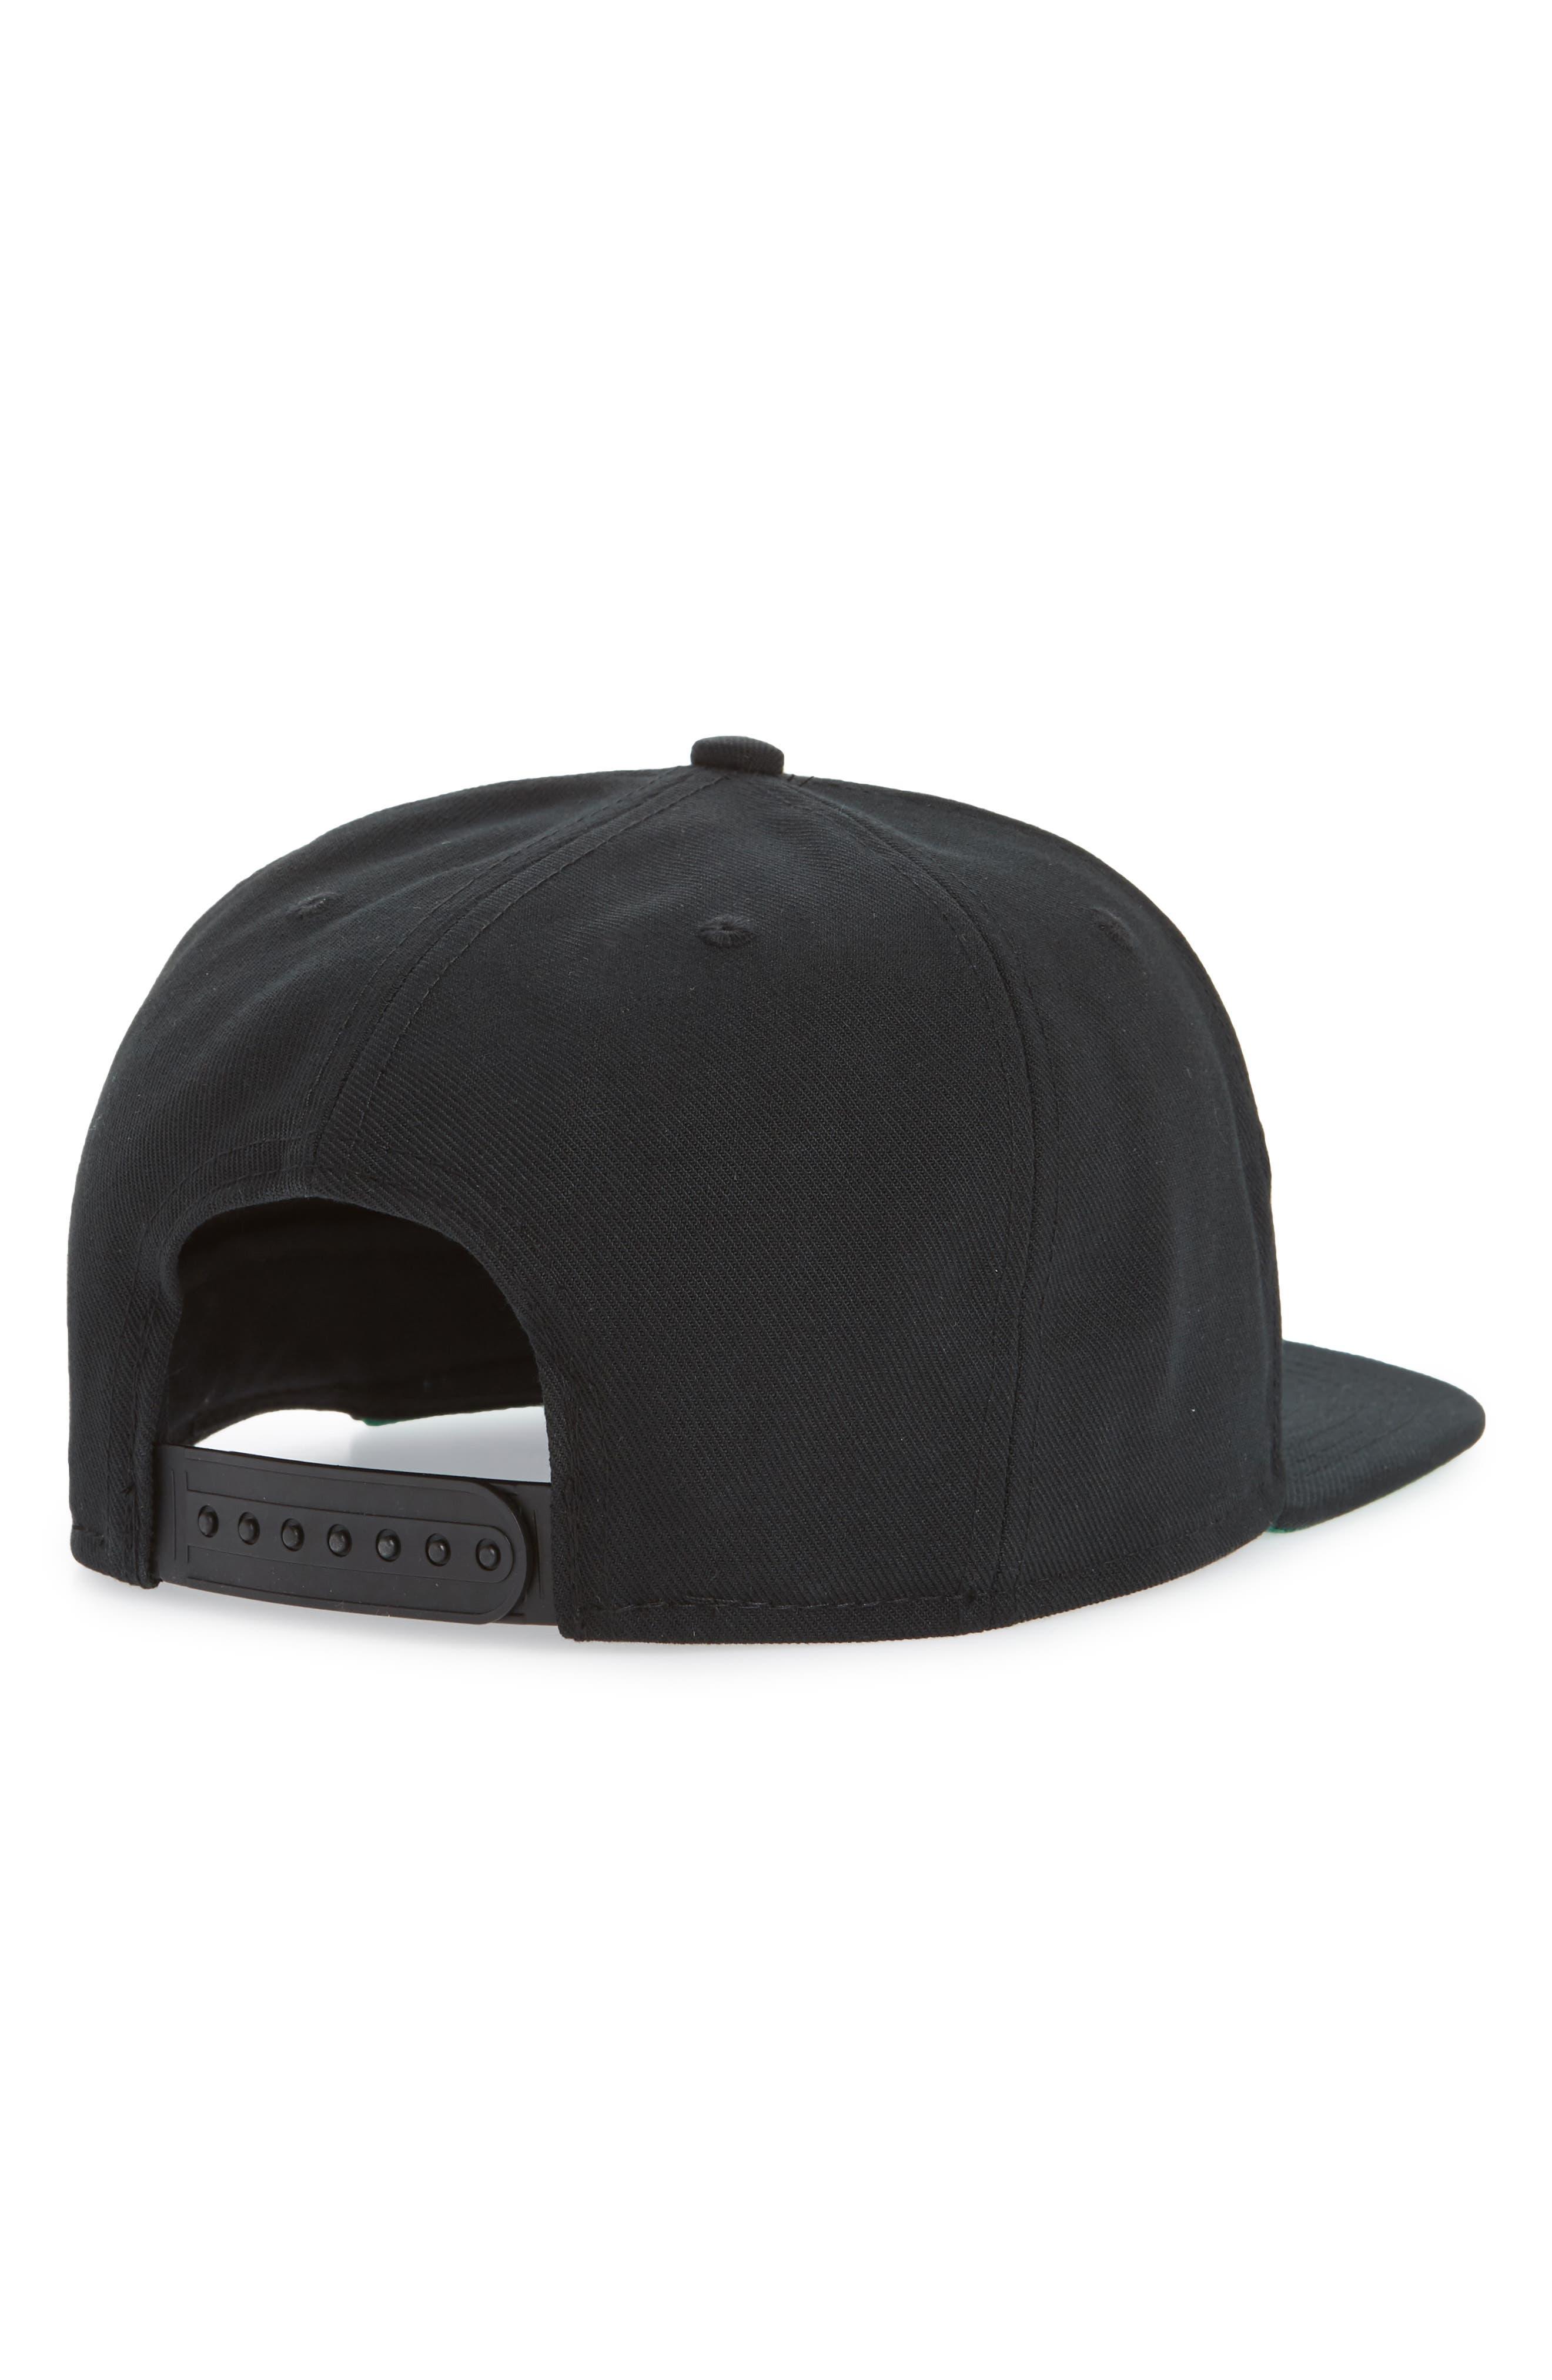 Pro Swoosh Classic Baseball Cap,                             Alternate thumbnail 2, color,                             Black/ Pine Green/ Blck/ White